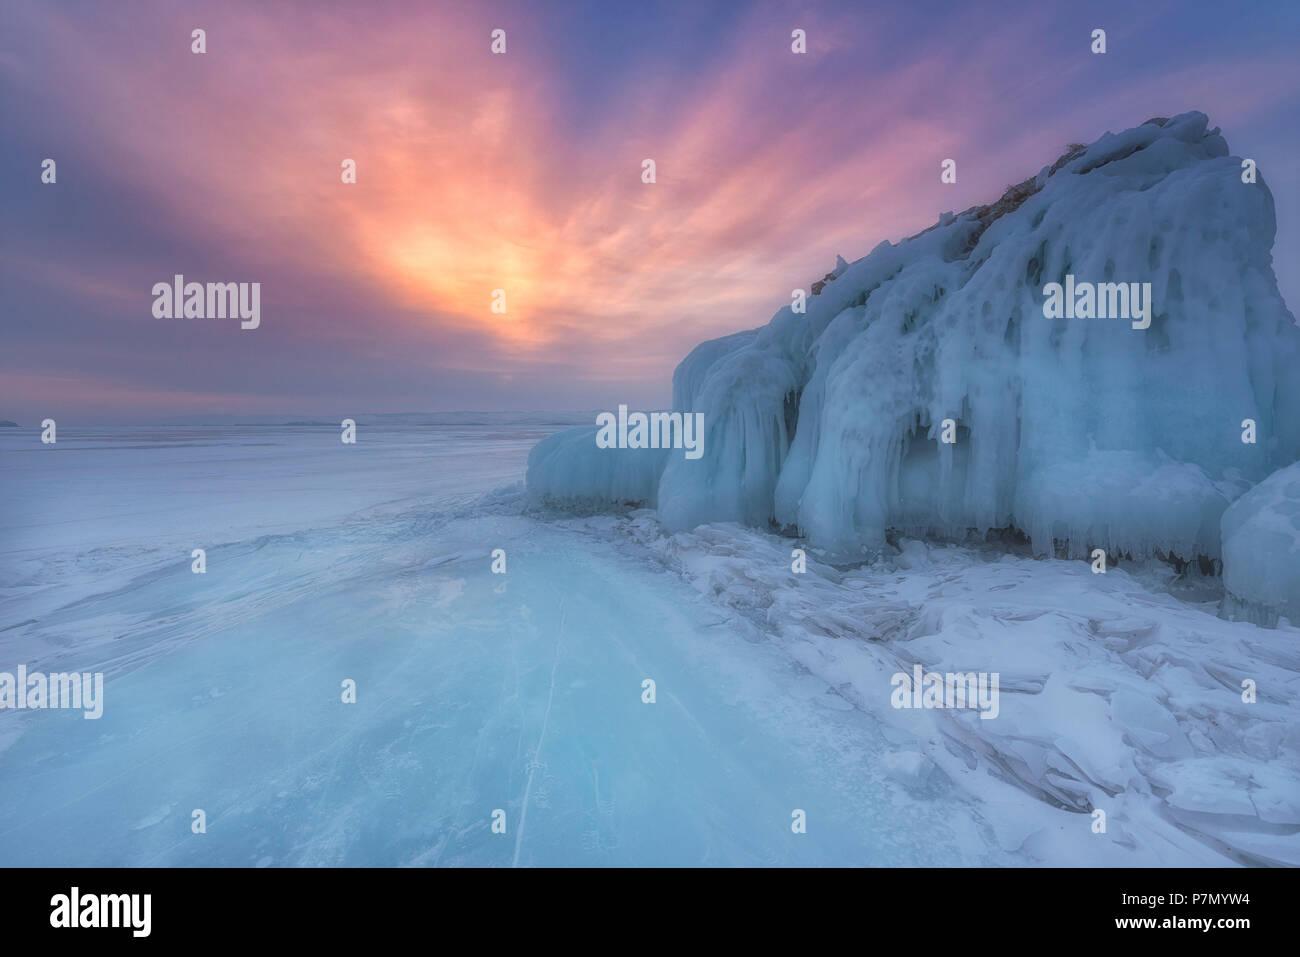 Ice Mountain bei Sonnenaufgang am Baikalsee, Irkutsk Region, Sibirien, Russland Stockbild